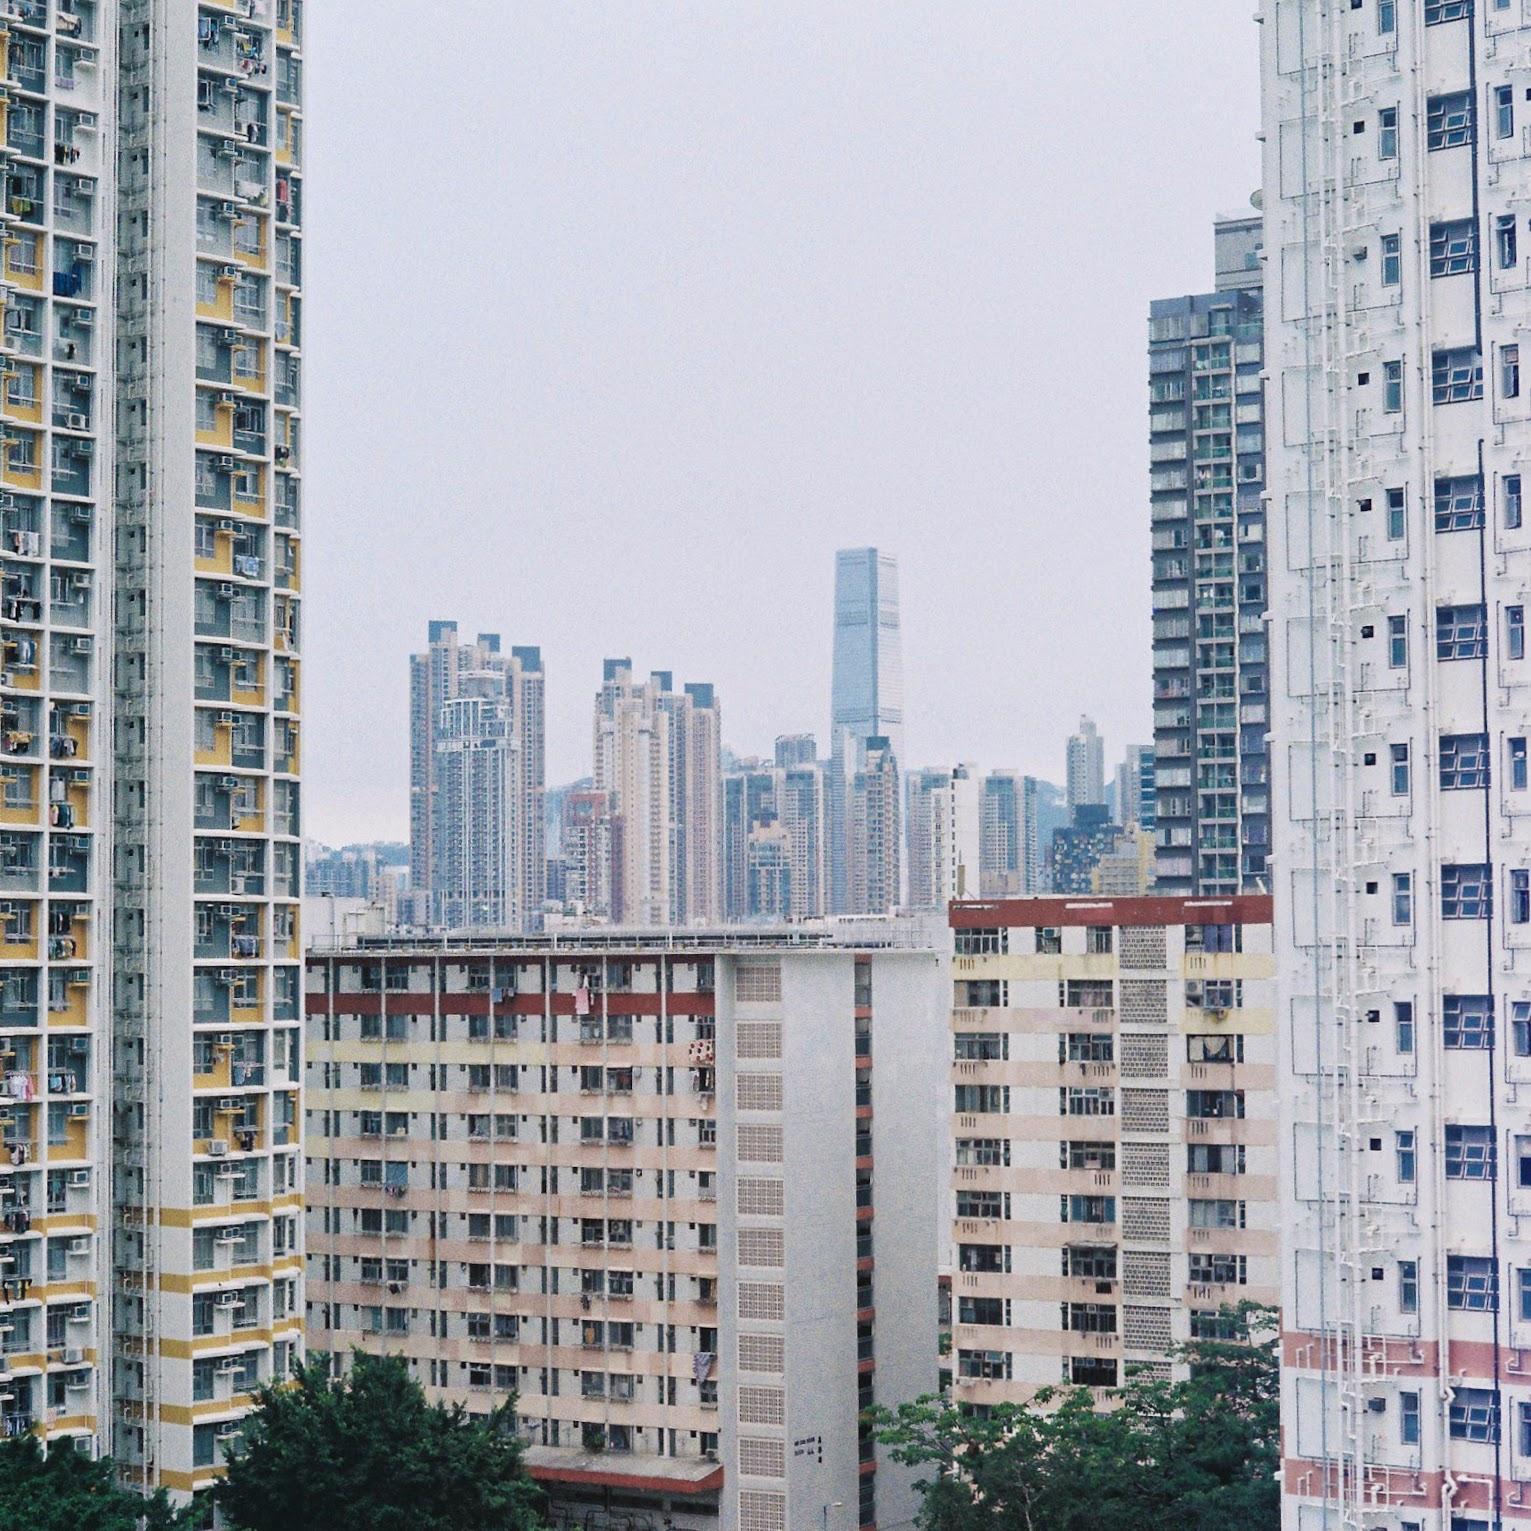 Hong Kong apartments, seen from HKU